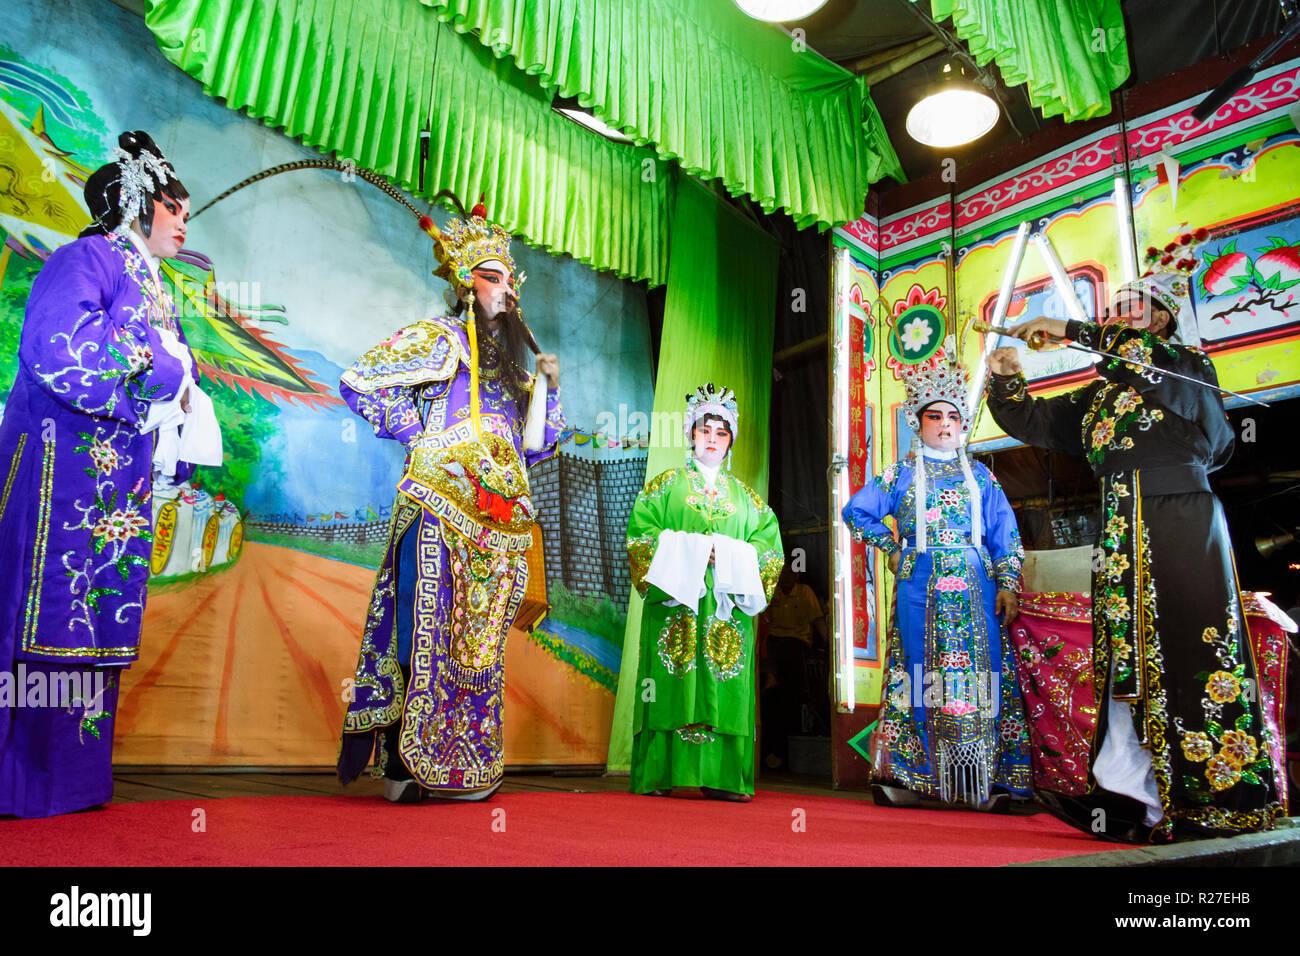 Bangkok, Thailand: Ambulante Chinesische Oper Schauspieler auf der Bühne während einer Tour in Thailand. Stockfoto